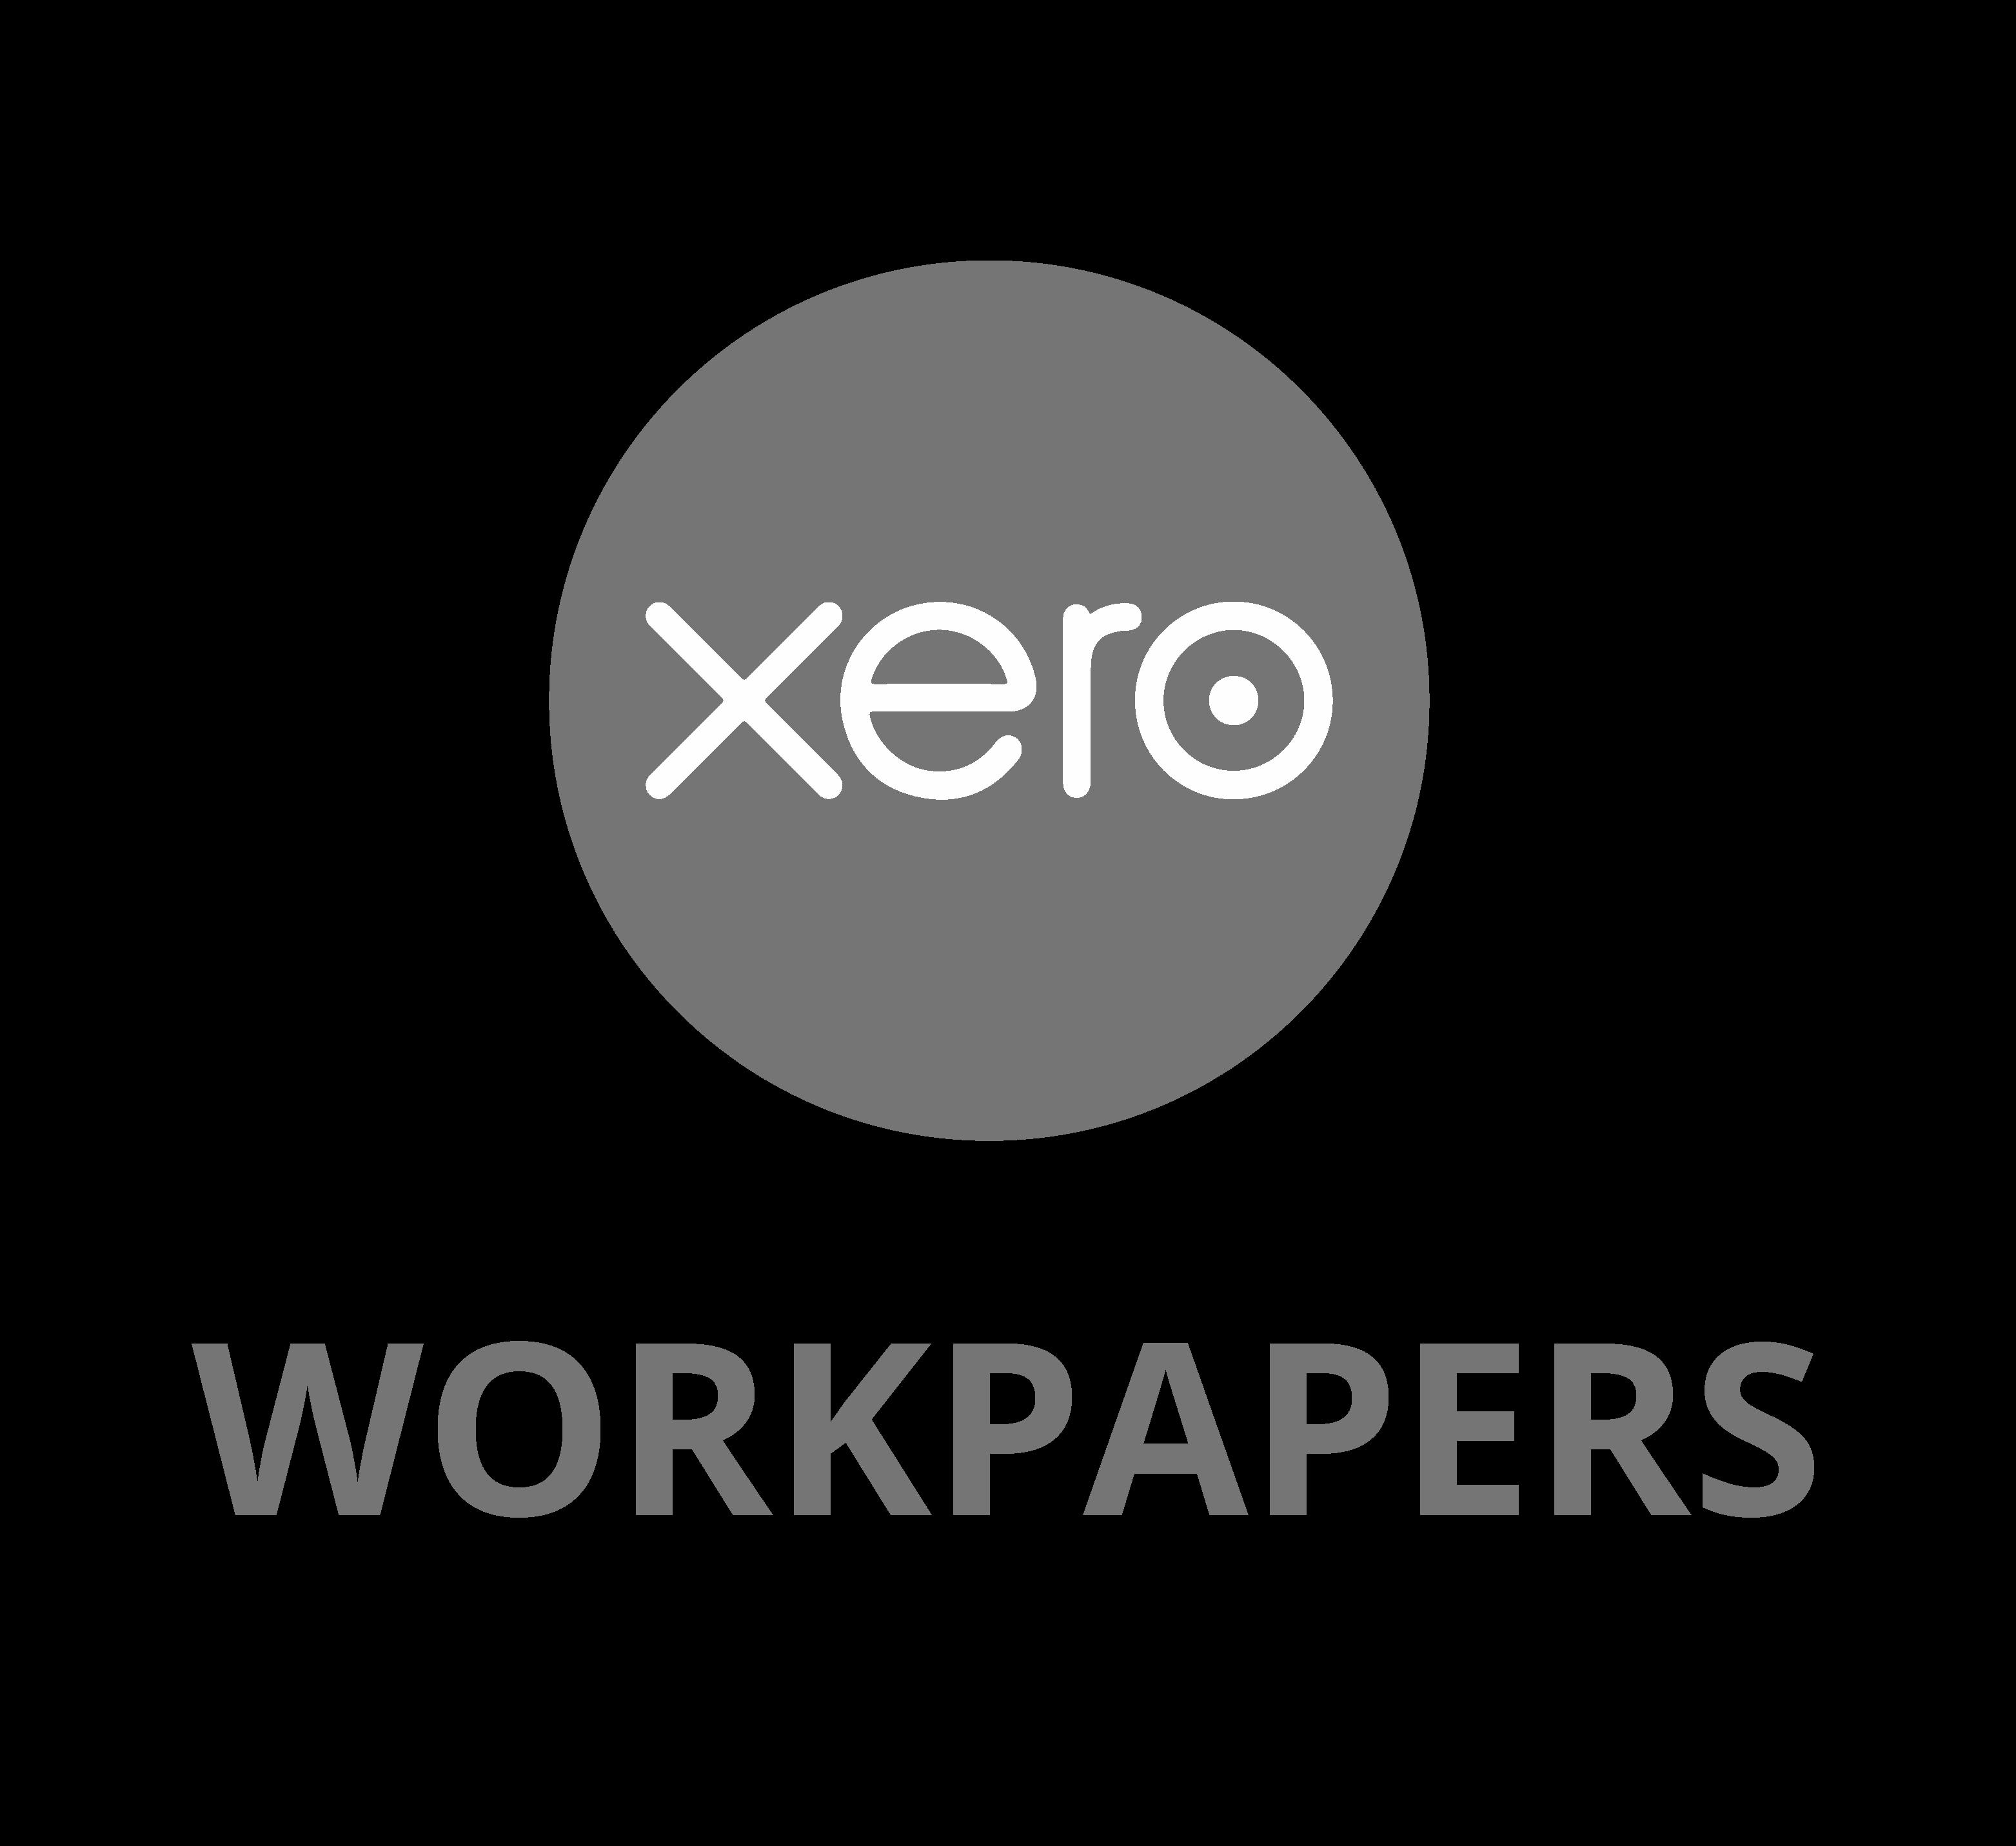 Xero Workpapers